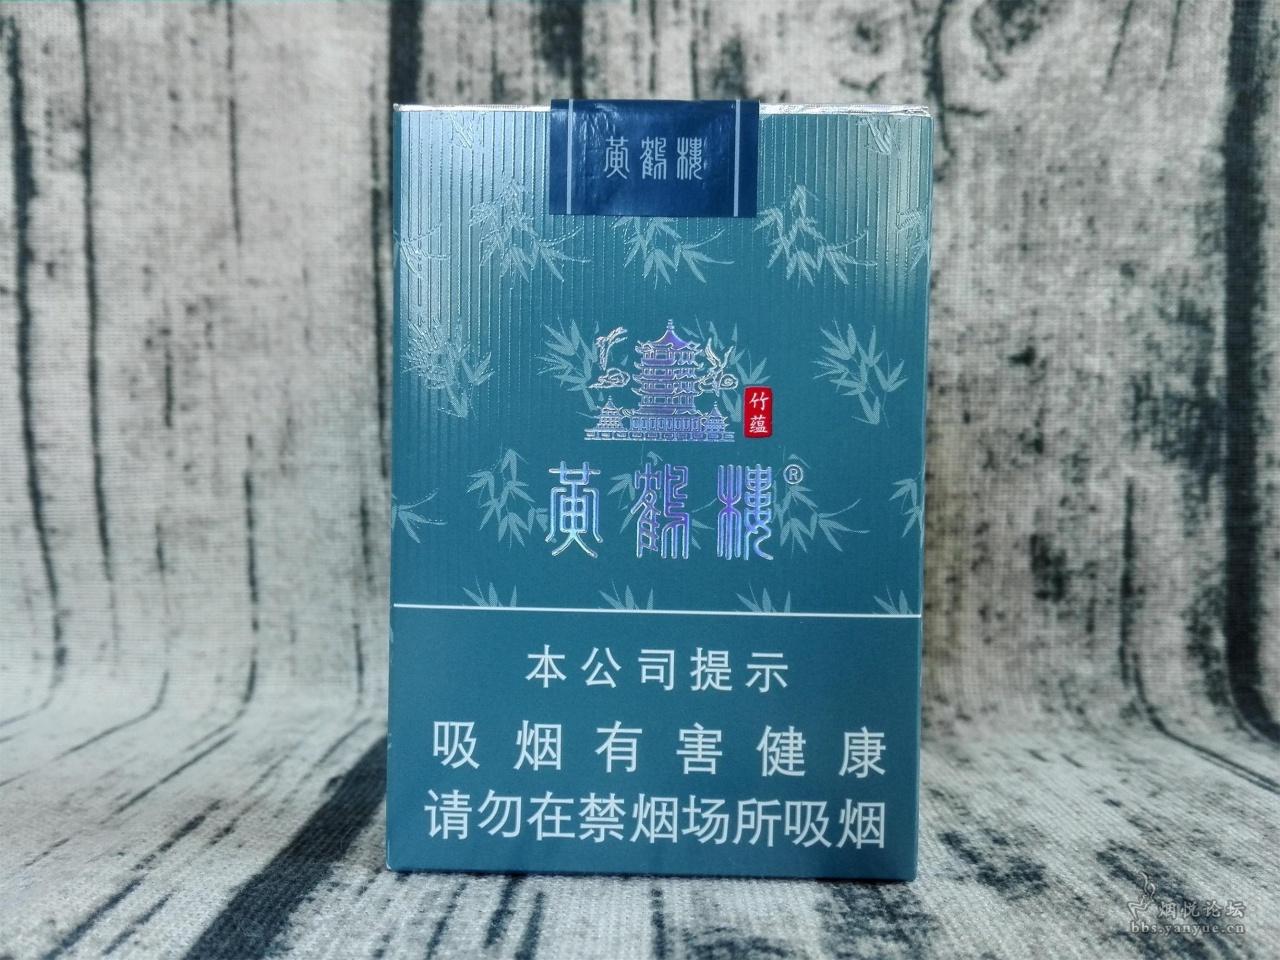 珍品黄鹤楼香烟价格_黄鹤楼(竹蕴) - 大陆产香烟 - 烟悦网论坛